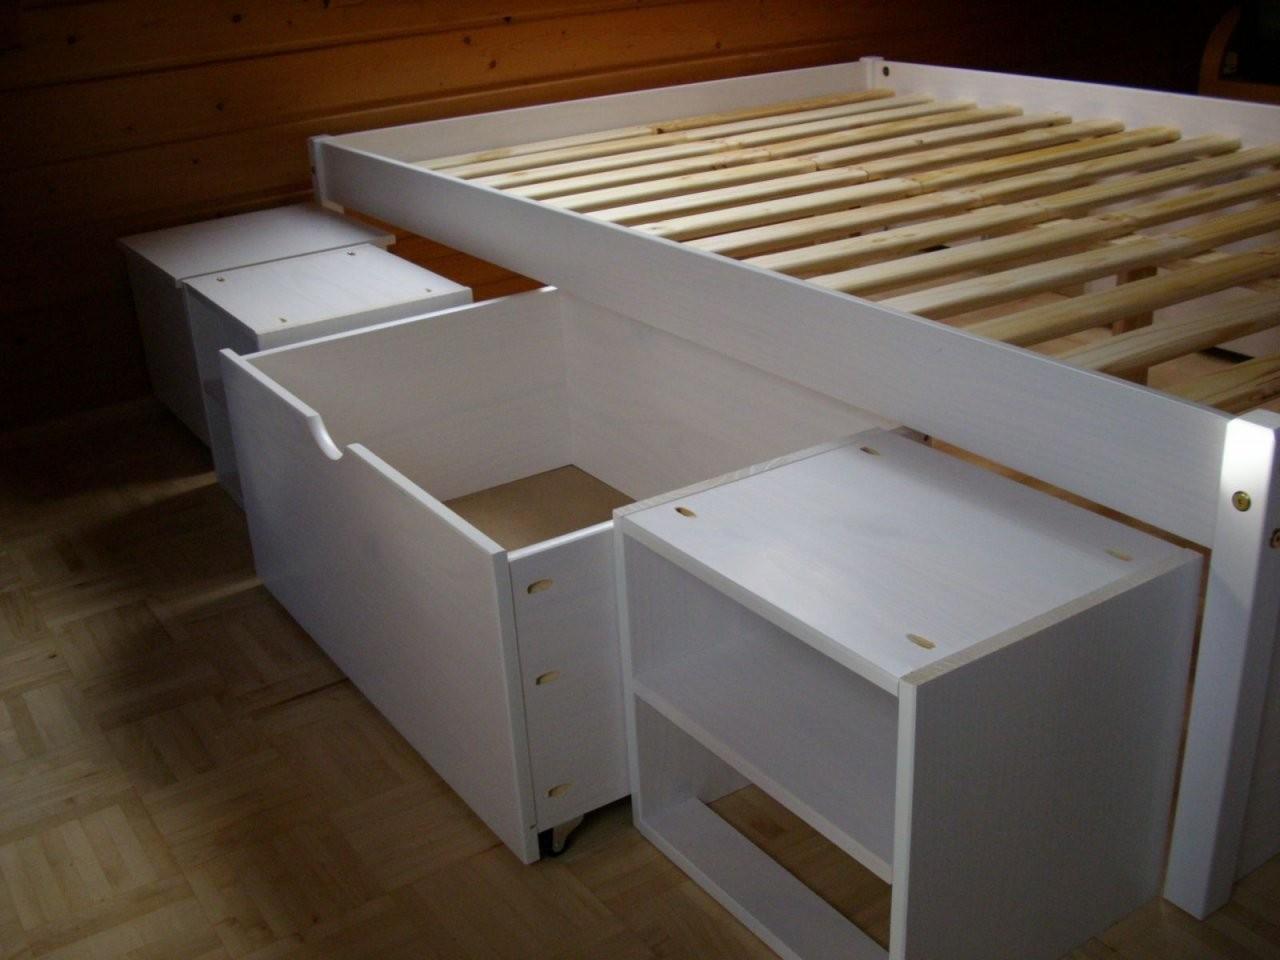 Bett 140X200 Selber Bauen Machen Bettgestell Paletten Stauraumbett von Stauraumbett 140X200 Selber Bauen Bild